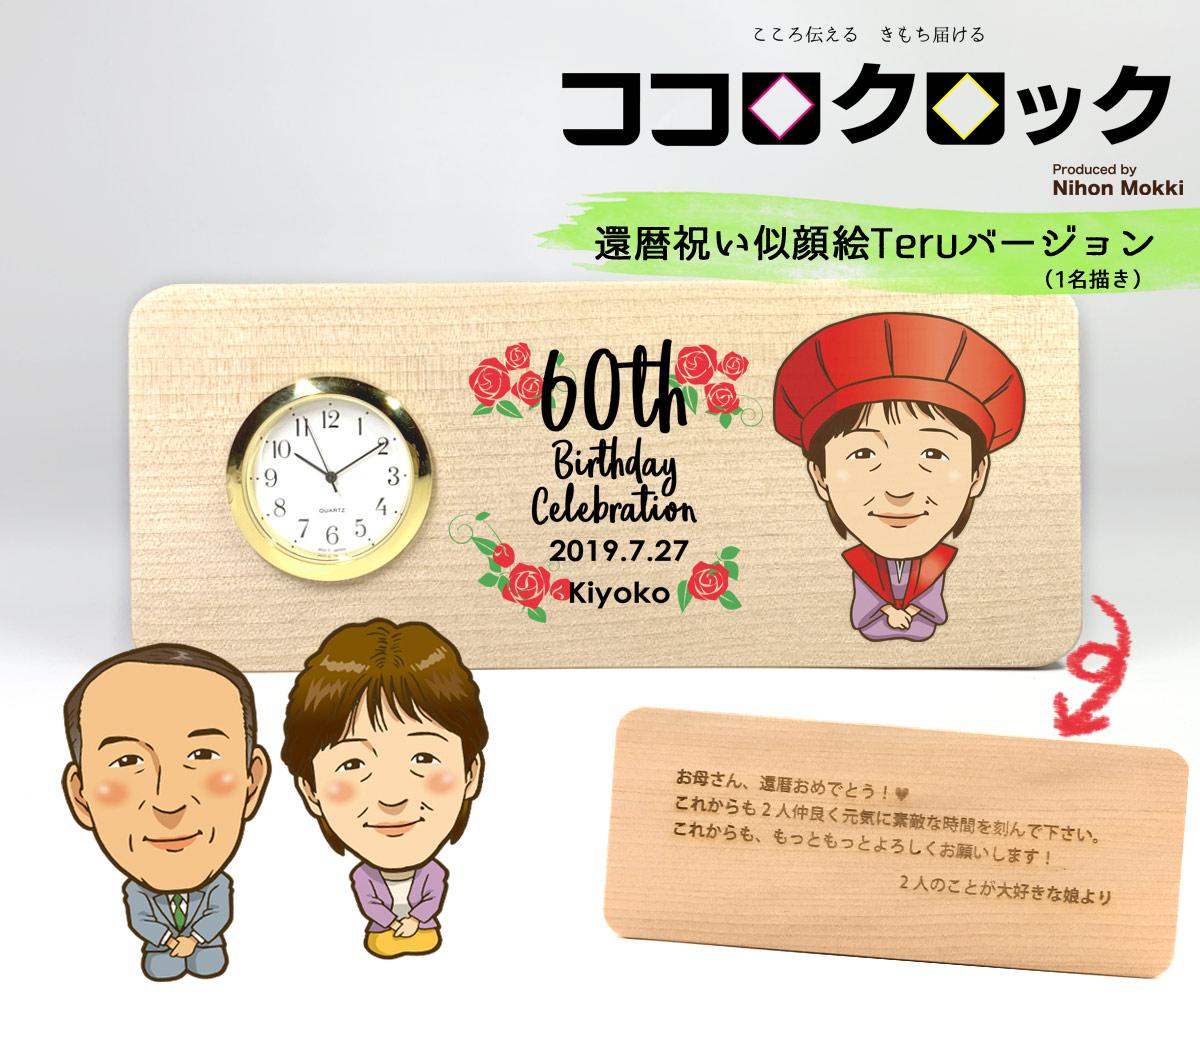 【セミ/フルオーダー 似顔絵 名入れ】ココロクロック 還暦祝い置時計1名描き(作家Teru) 長寿祝い(古希/喜寿/傘寿/米寿/卒寿/白寿) 父の日・母の日 退職祝い お好きなメッセージ刻印 SEIKO 木製 日本製